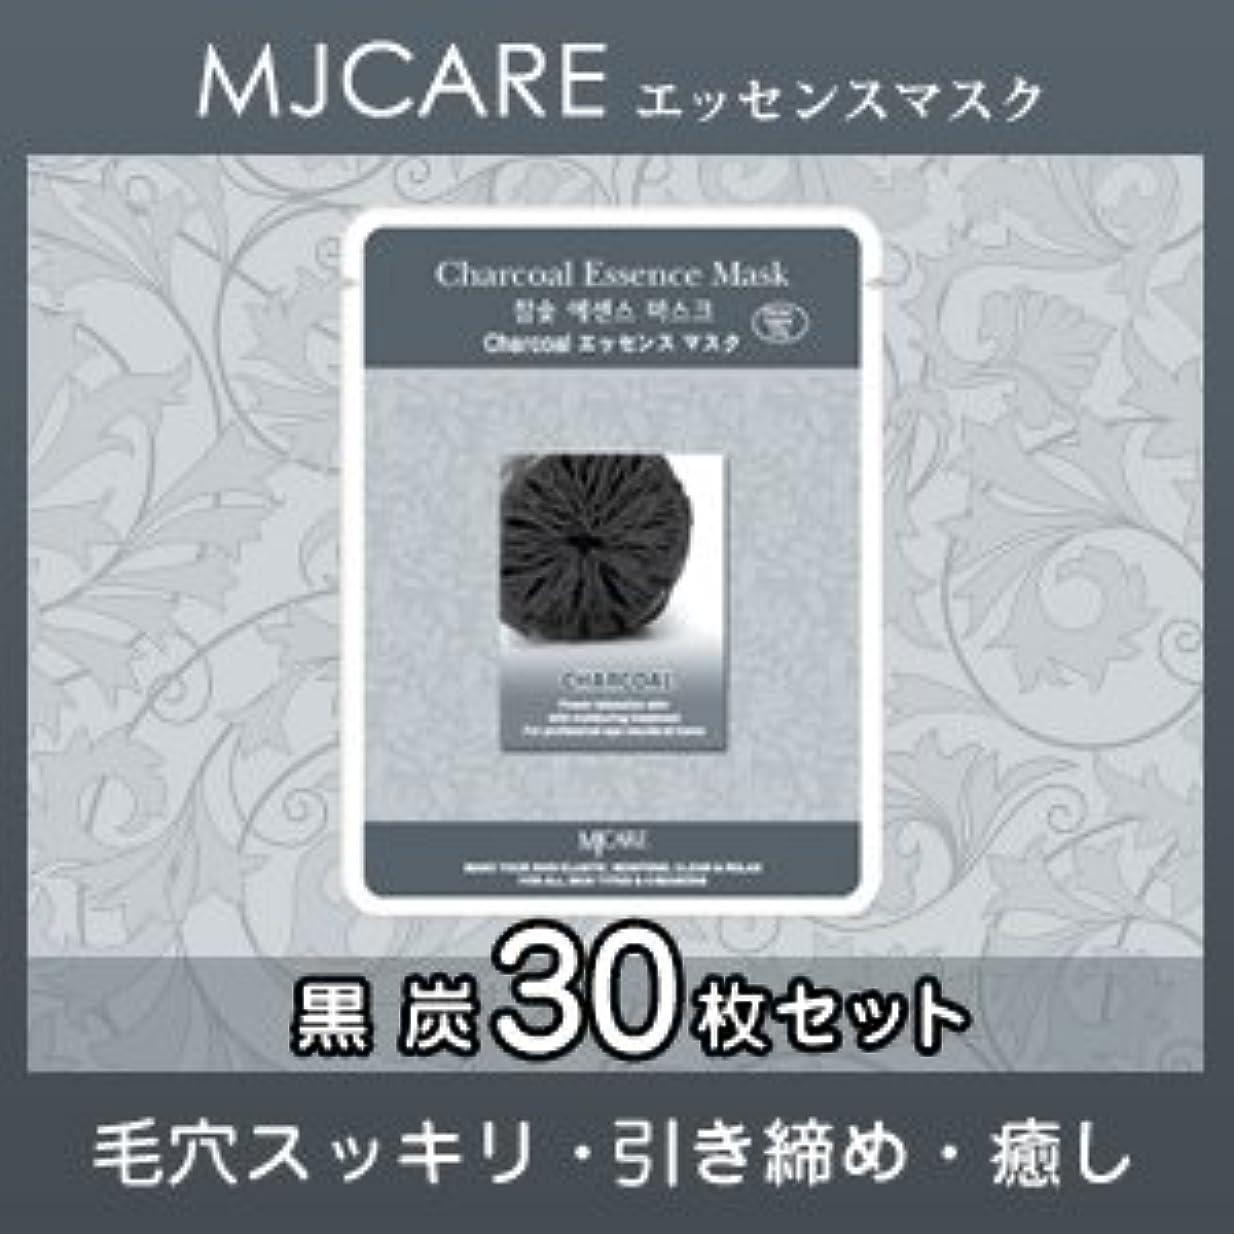 結び目二年生ホットMJCARE (エムジェイケア) 黒炭 エッセンスマスク 30セット